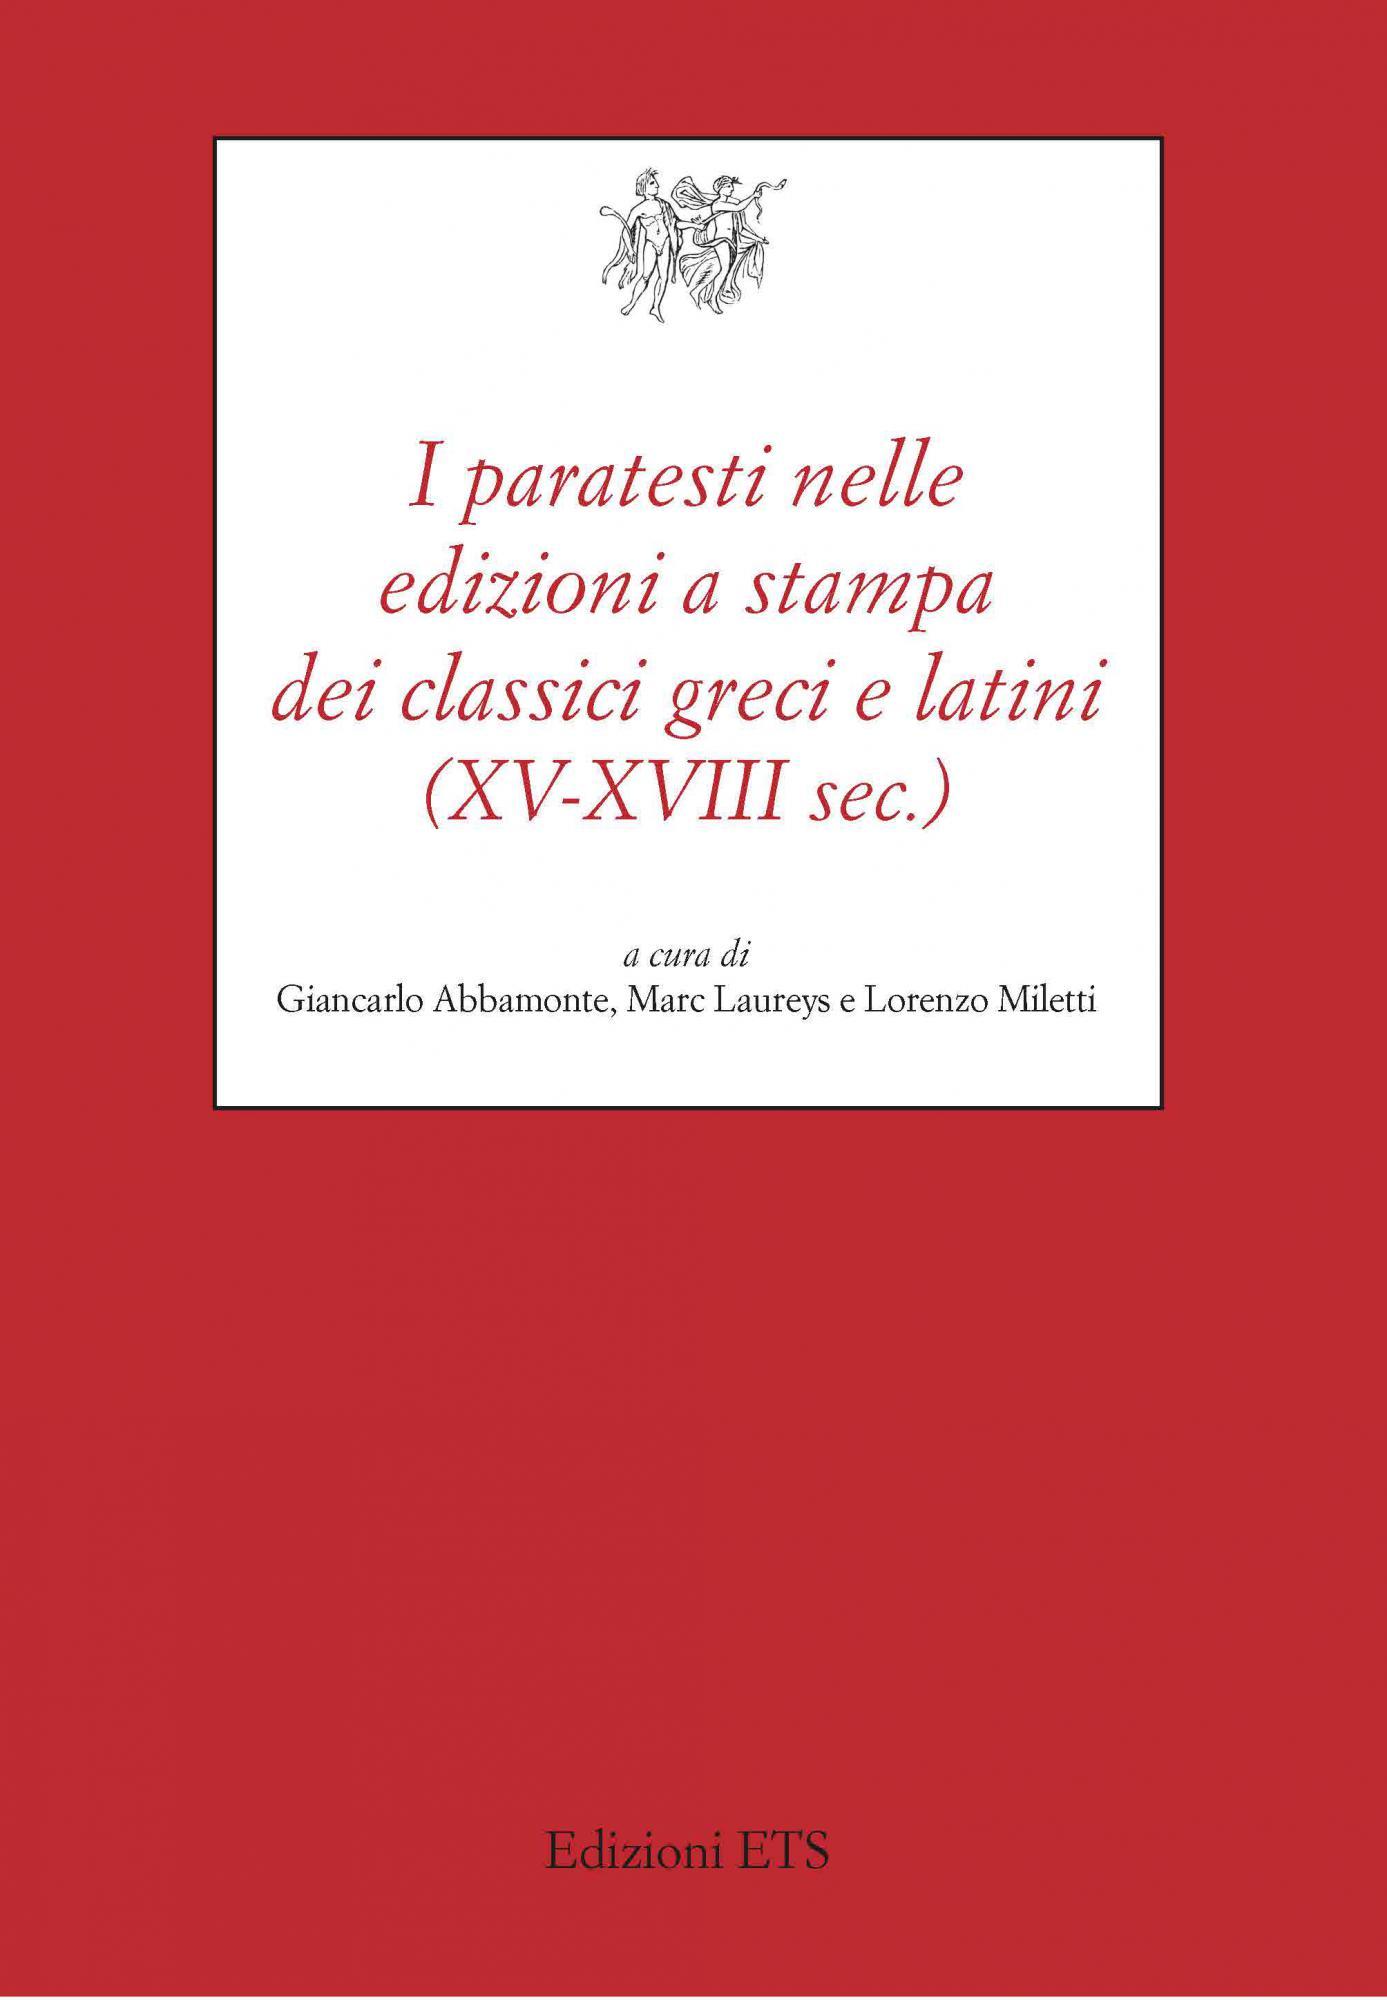 I paratesti nelle edizioni a stampa dei classici greci e latini.XV-XVIII sec.